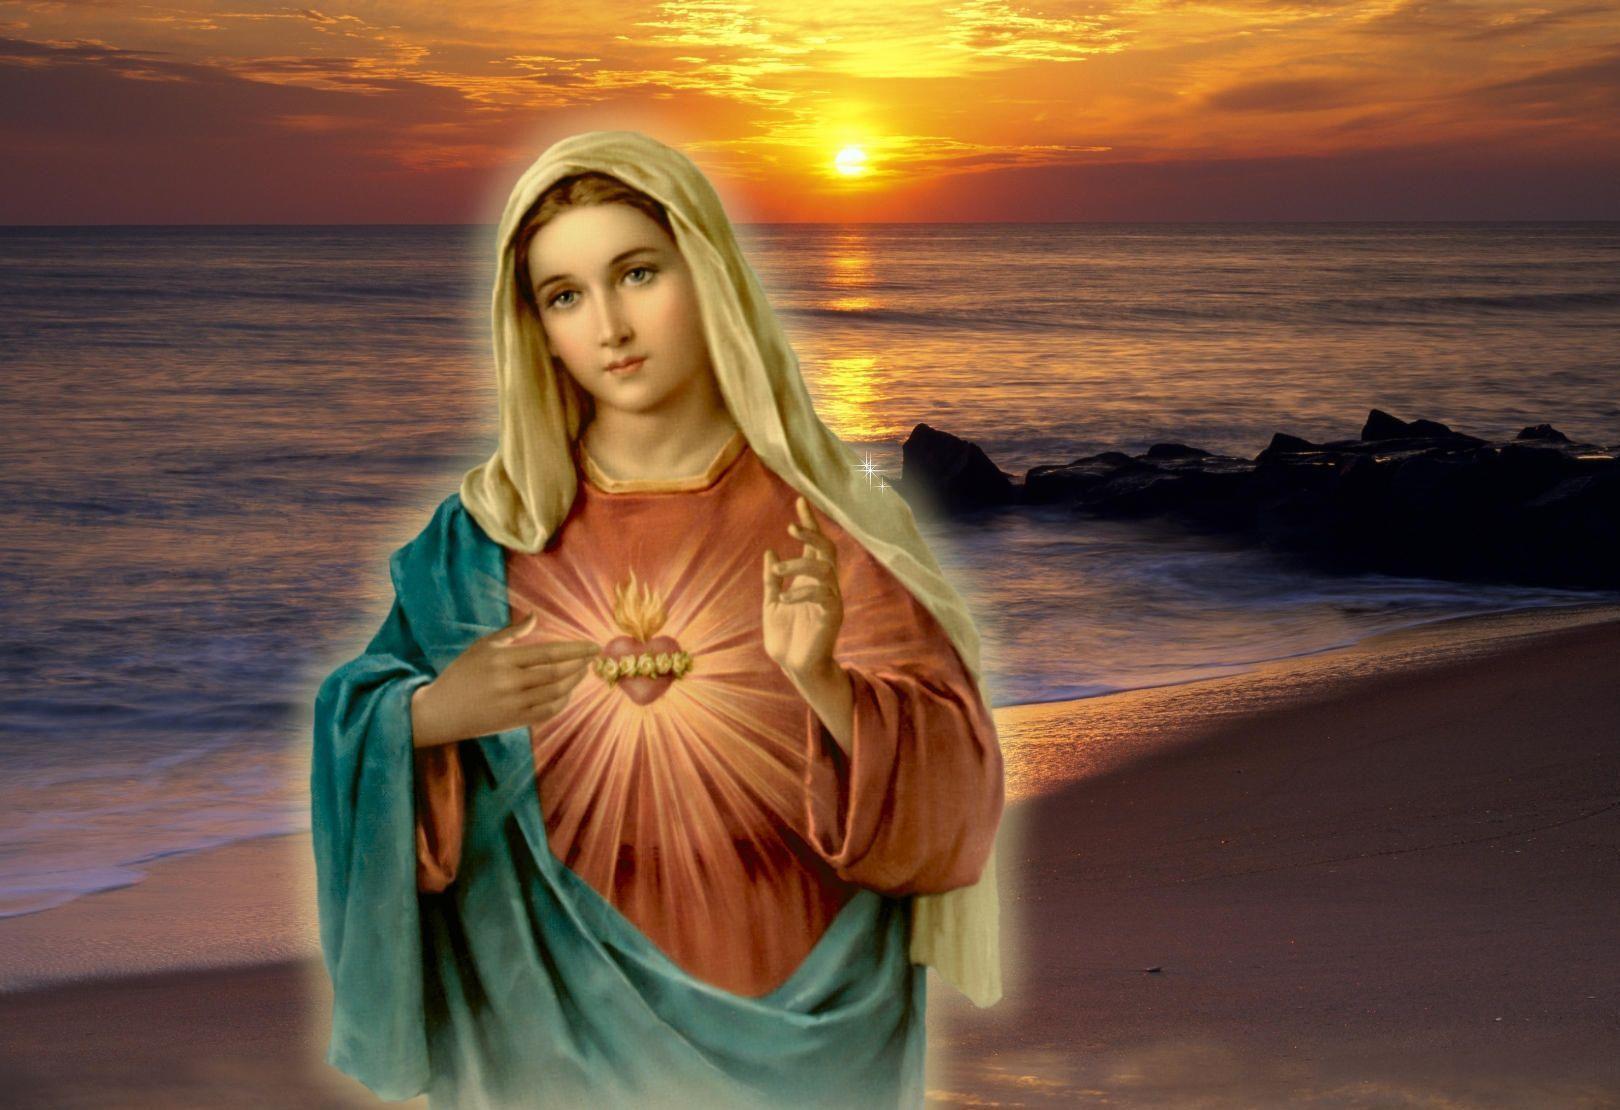 Nếu bạn đang cần tìm hình ảnh của Đức mẹ Maria để làm hình nền máy tính hoặc in thành tranh ảnh treo trong gia đình để thể hiện sự tôn nghiêm, ...